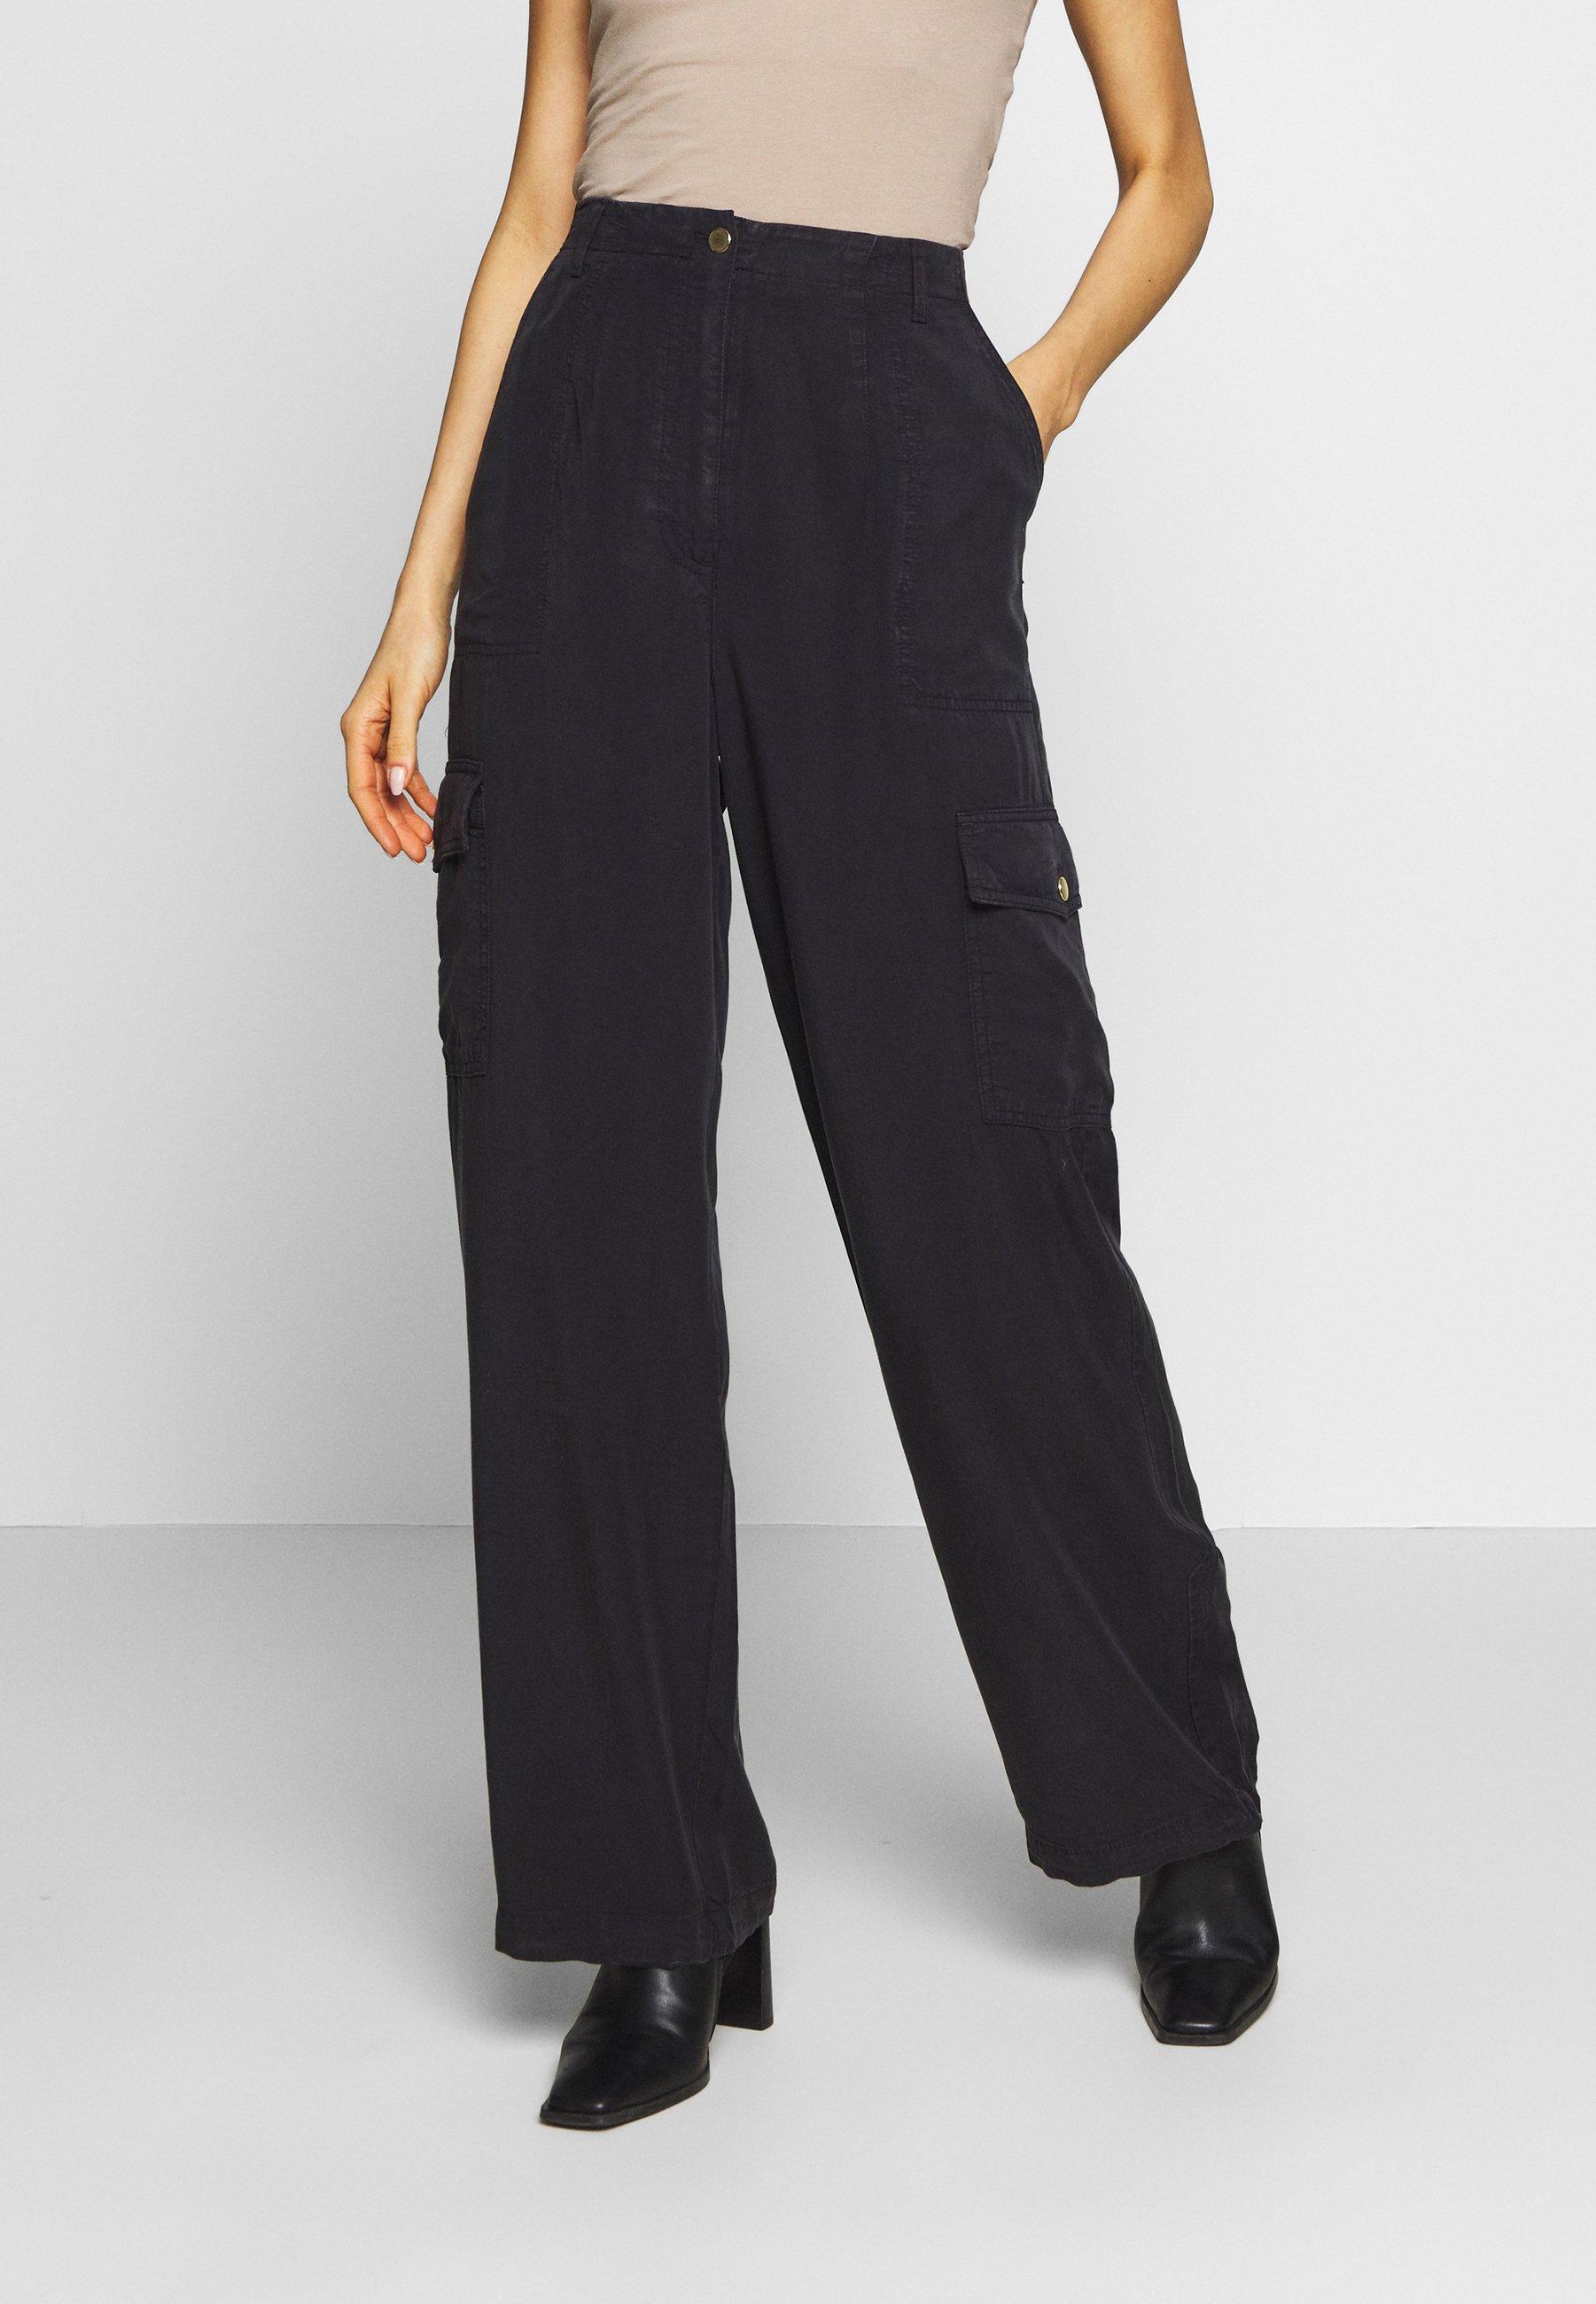 READY TO WEAR PANTS Bukse black